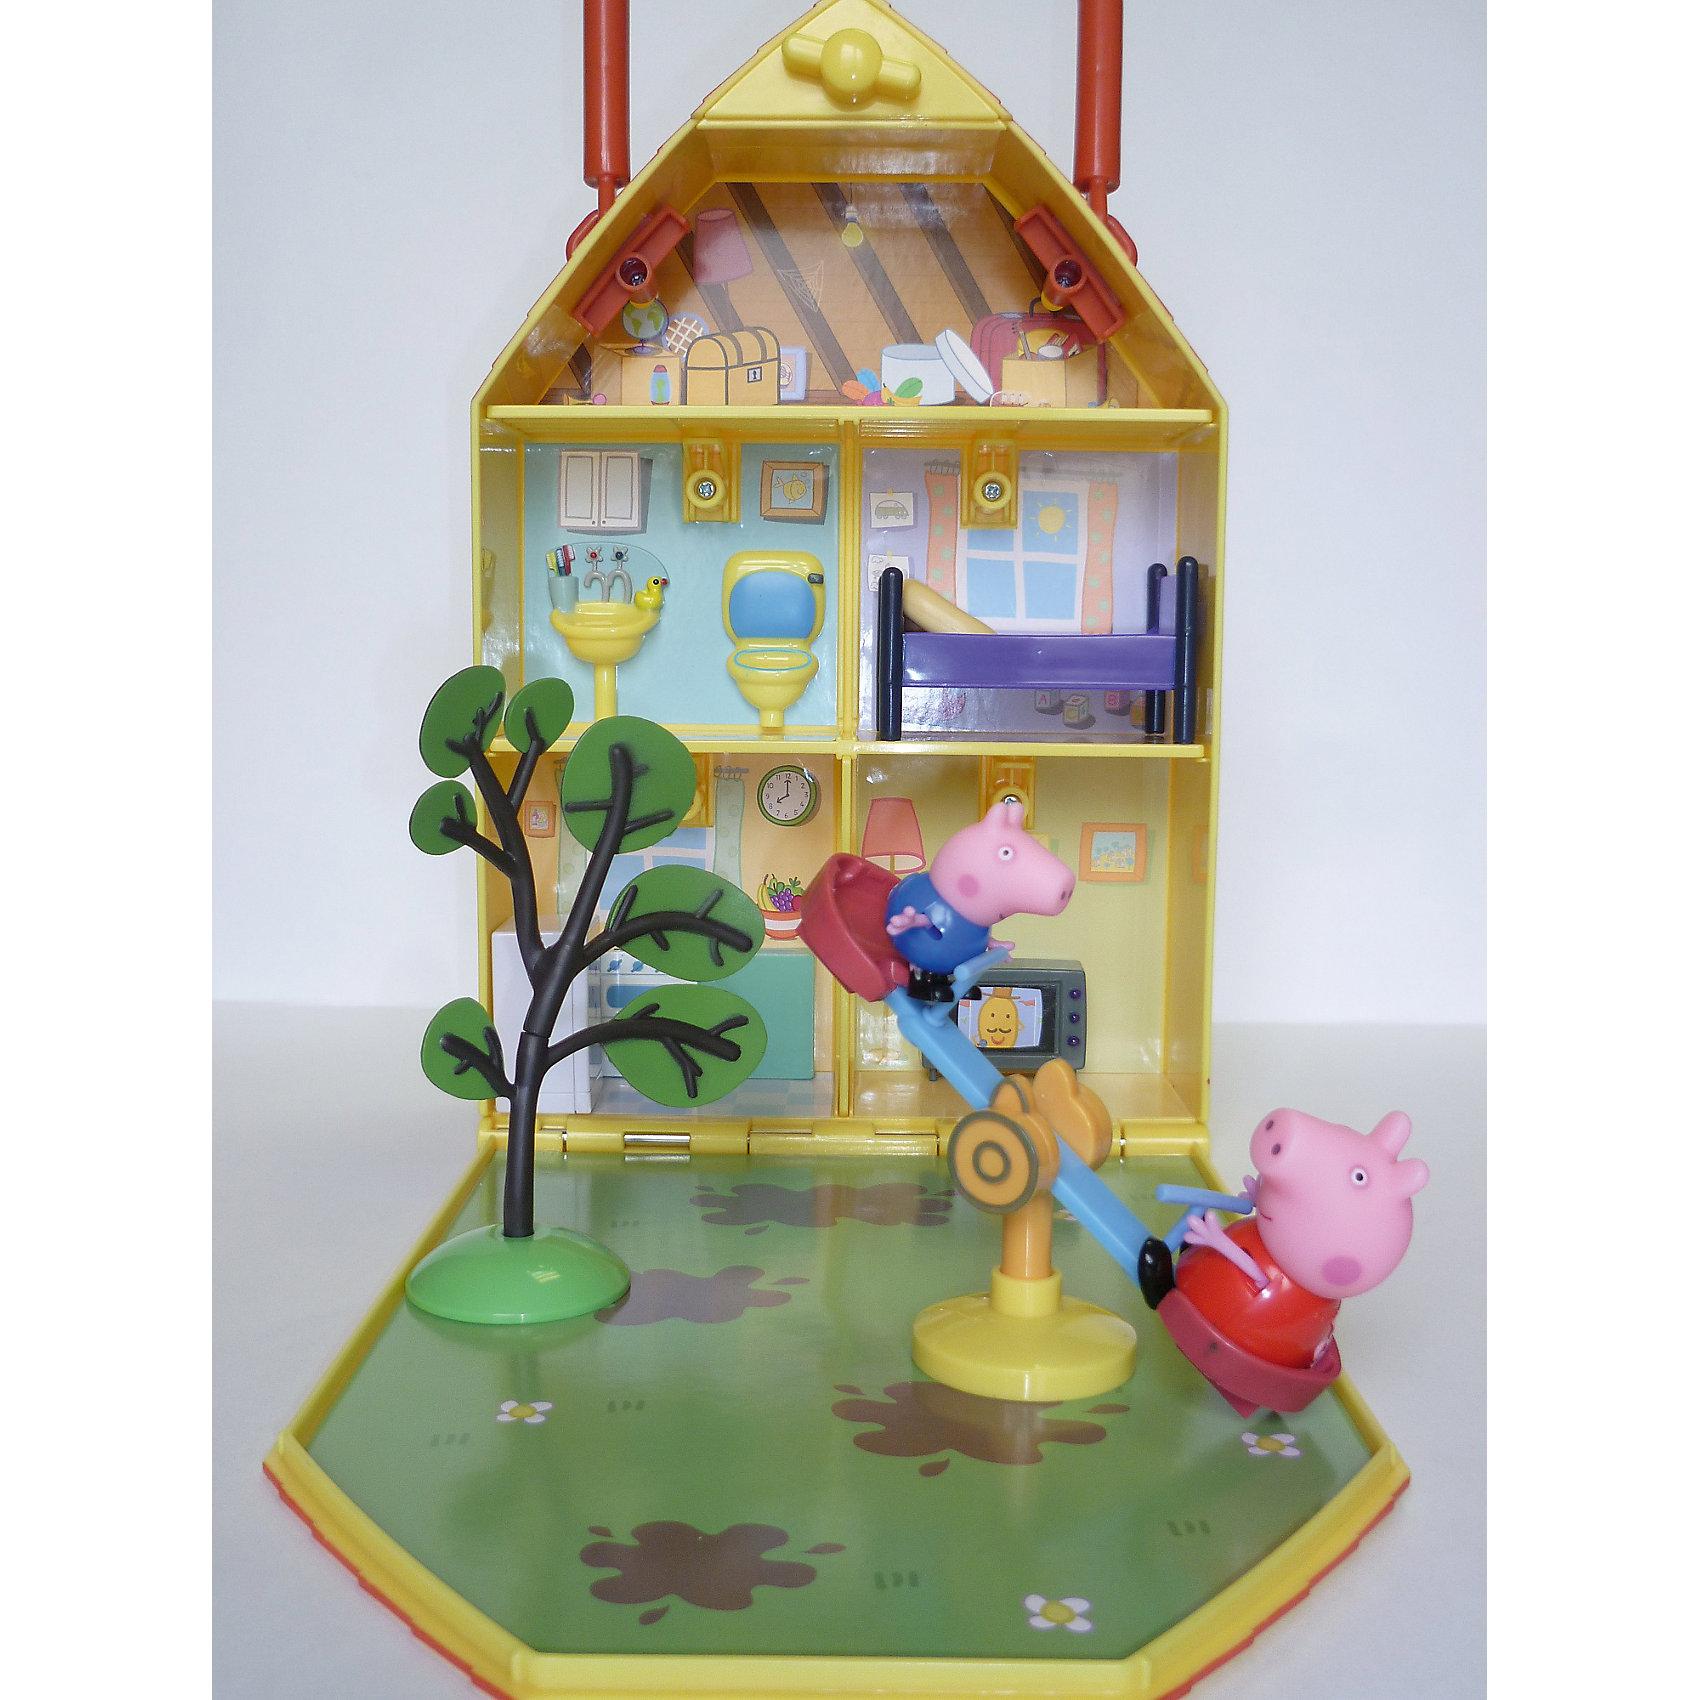 Игровой набор Дом Пеппы с садом, Peppa PigИгрушки<br>Игровой набор Дом Пеппы с садом, Peppa Pig (Свинка Пеппа). <br><br>Характеристика:<br><br>• Материал: пластик.  <br>• Размер упаковки: 22х7х31,5 см.<br>• Размер фигурки Пеппы: 5,5 см.<br>• Размер дома в сложенном виде: 18х6х32 см.<br>• Размер фигурки Джорджа: 4 см.<br>• Размер телевизора: 4,3х1,5х3 см.<br>• Размер холодильника: 3х2,3х4,5 см.<br>• Размер кроватки: 7,6х4,3х4,5 см.<br>• Размер качелей: 12х6х3,7 см.<br>• Высота дерева: 11,5 см.<br>• Комплектация: домик, фигурка Пеппы, фигурка Джорджа, телевизор, холодильник, кровать, качели-качалка, дерево.<br>• Голова и руки фигурок подвижные. <br>• Дом складывается в удобный чемодан с ручкой. <br><br>Это чудесный домик приведет в восторг всех поклонников мультсериала Peppa Pig. В нем есть все для беззаботной и счастливой жизни озорной Свинки Пеппы и ее семьи. В доме есть спальня, гостиная, кухня, ванная комната, уютный дворик, качели и множество полезных и красивых аксессуаров. Конструкция дома представляет собой удобный чемоданчик с откидной стенкой, который можно закрыть, не беспокоясь, что во время переноски аксессуары и любимые игрушки потеряются. <br>Все детали набора выполнены из высококачественного экологичного пластика безопасного для детей. <br><br>Игровой набор Дом Пеппы с садом, Peppa Pig (Свинка Пеппа), можно купить в нашем интернет-магазине.<br><br>Ширина мм: 318<br>Глубина мм: 220<br>Высота мм: 70<br>Вес г: 750<br>Возраст от месяцев: 36<br>Возраст до месяцев: 2147483647<br>Пол: Унисекс<br>Возраст: Детский<br>SKU: 5211679